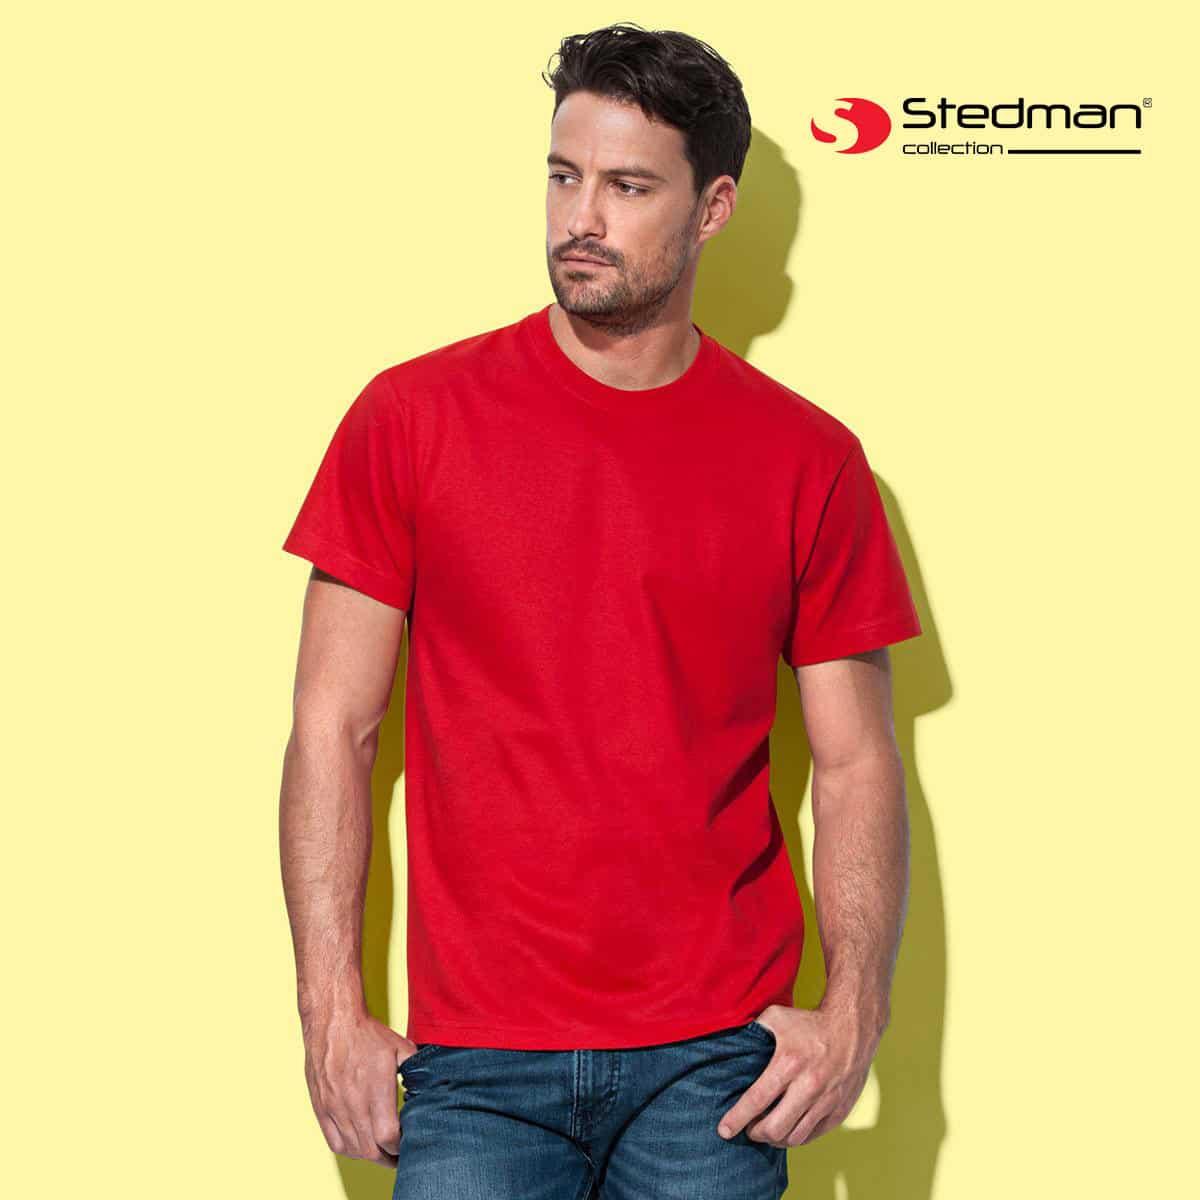 Uomo su sfondo giallo con tshirt rossa manica corta 100% cotone